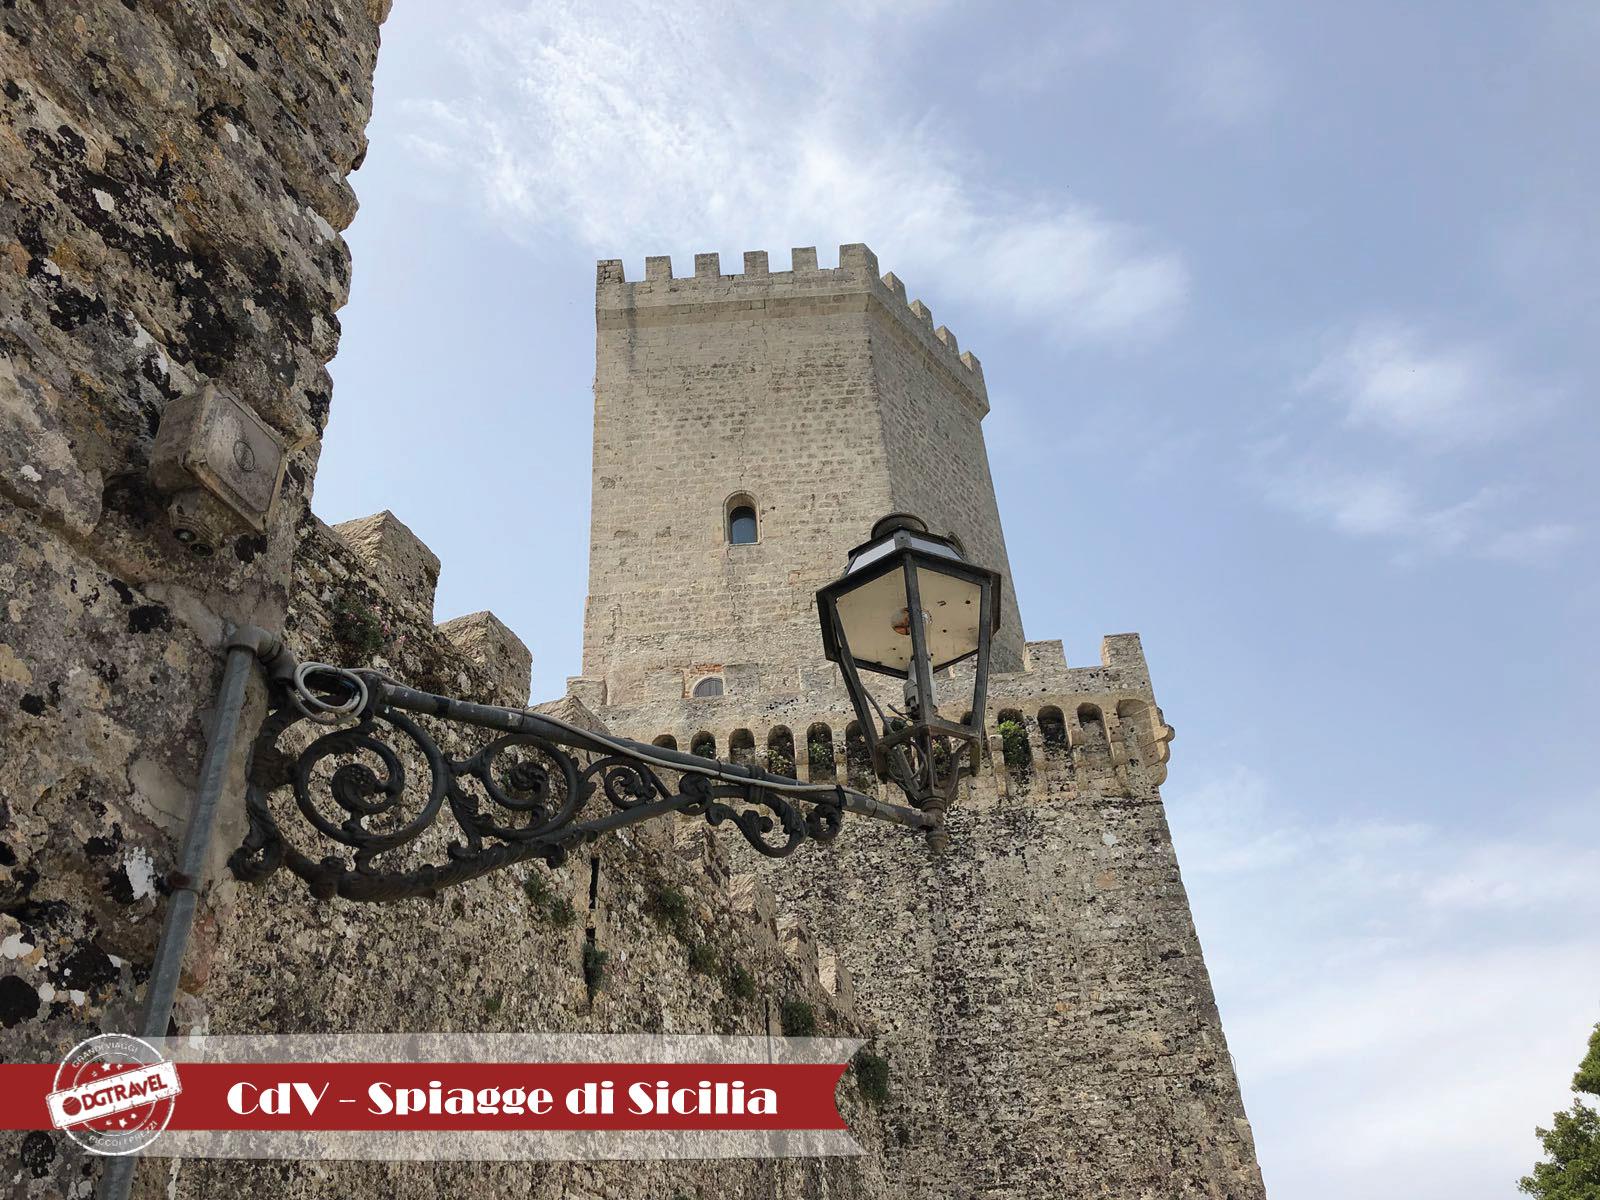 Spiagge di Sicilia Castello